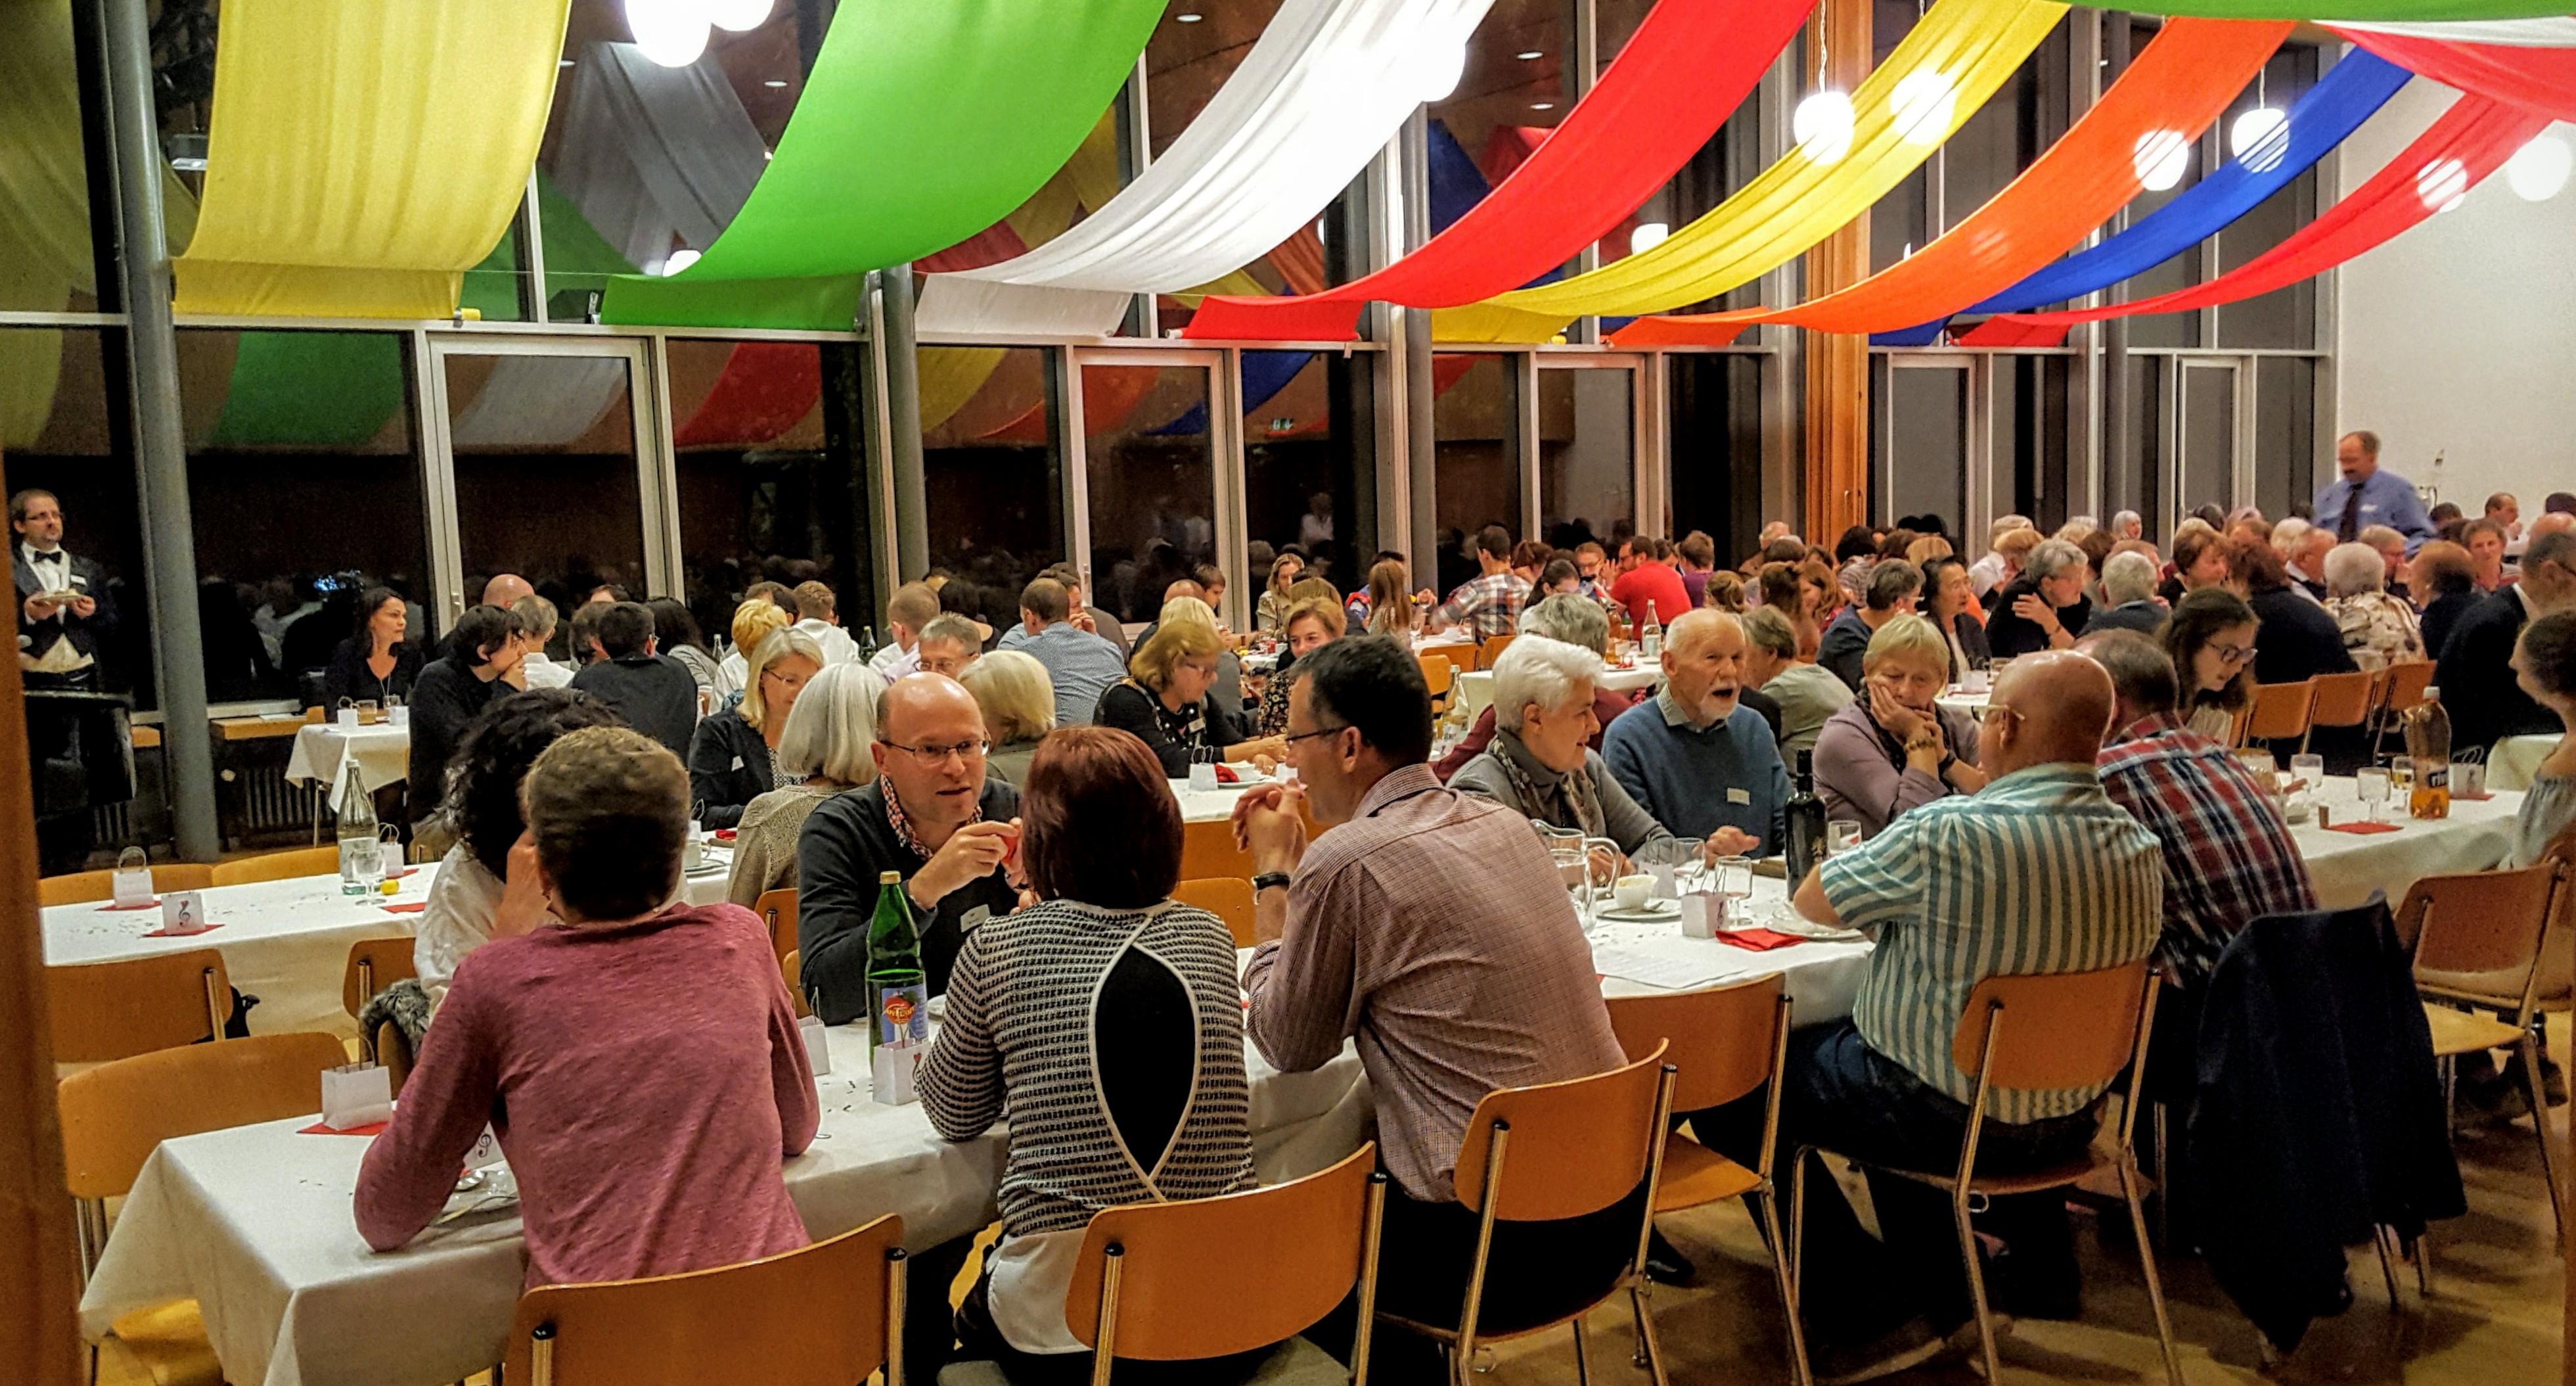 161112_freiwilligenfest_lue.jpg